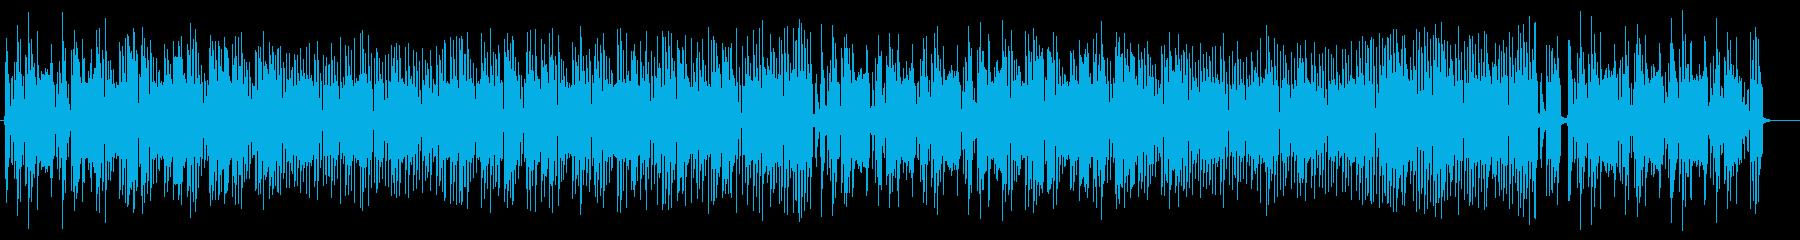 ほのぼのとしたミディアムテンポのポップスの再生済みの波形